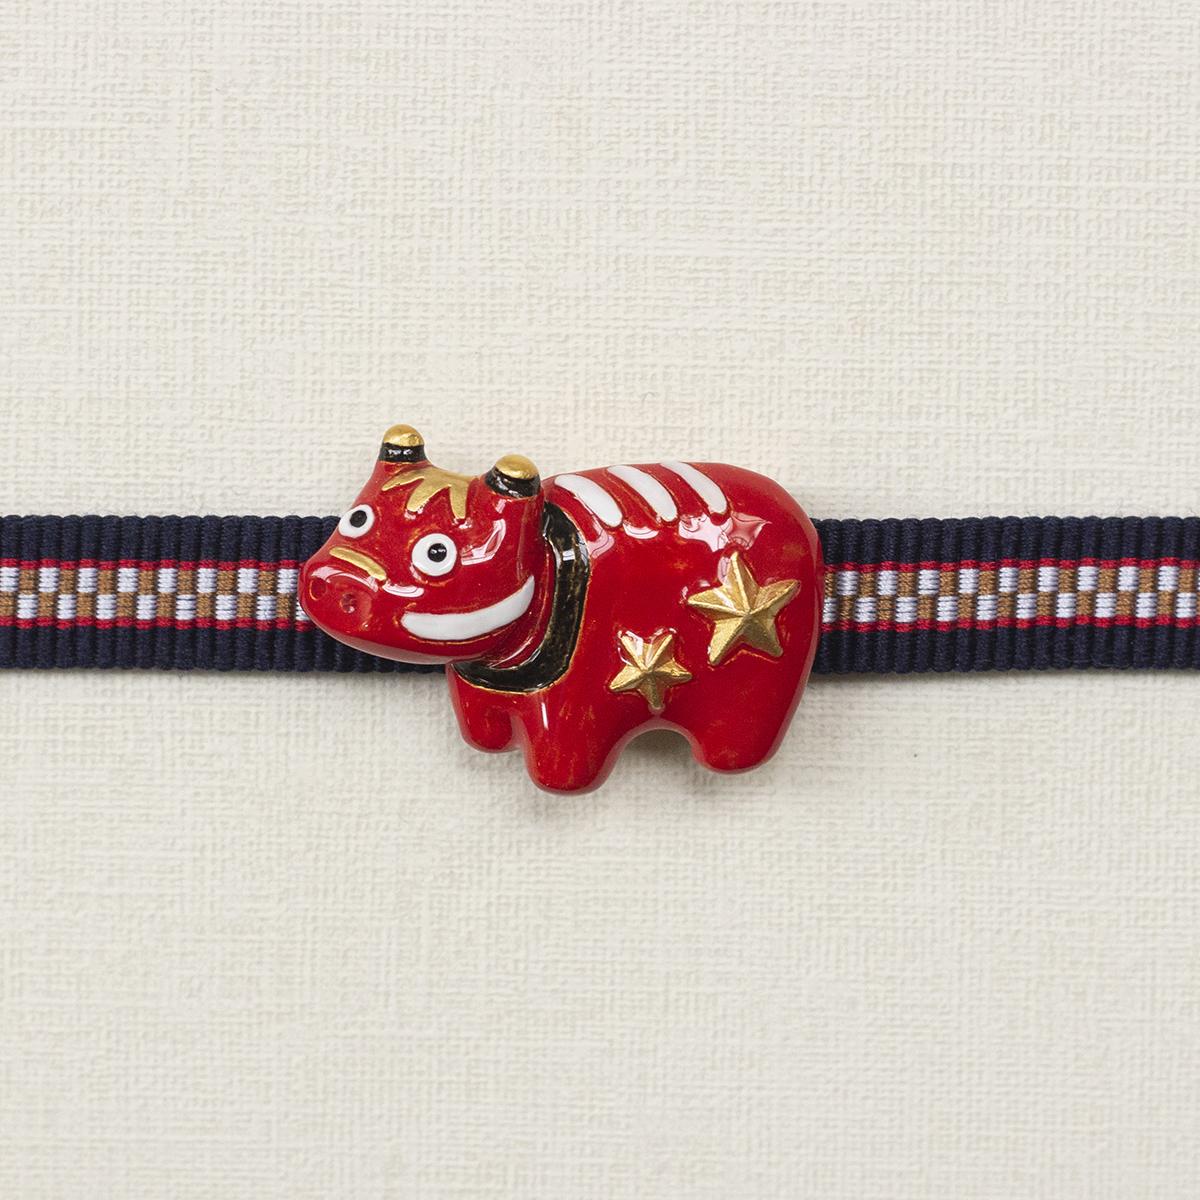 【1月誕生色モチーフ】赤べこ帯留め / 帯留め※専用豪華ボックス入り